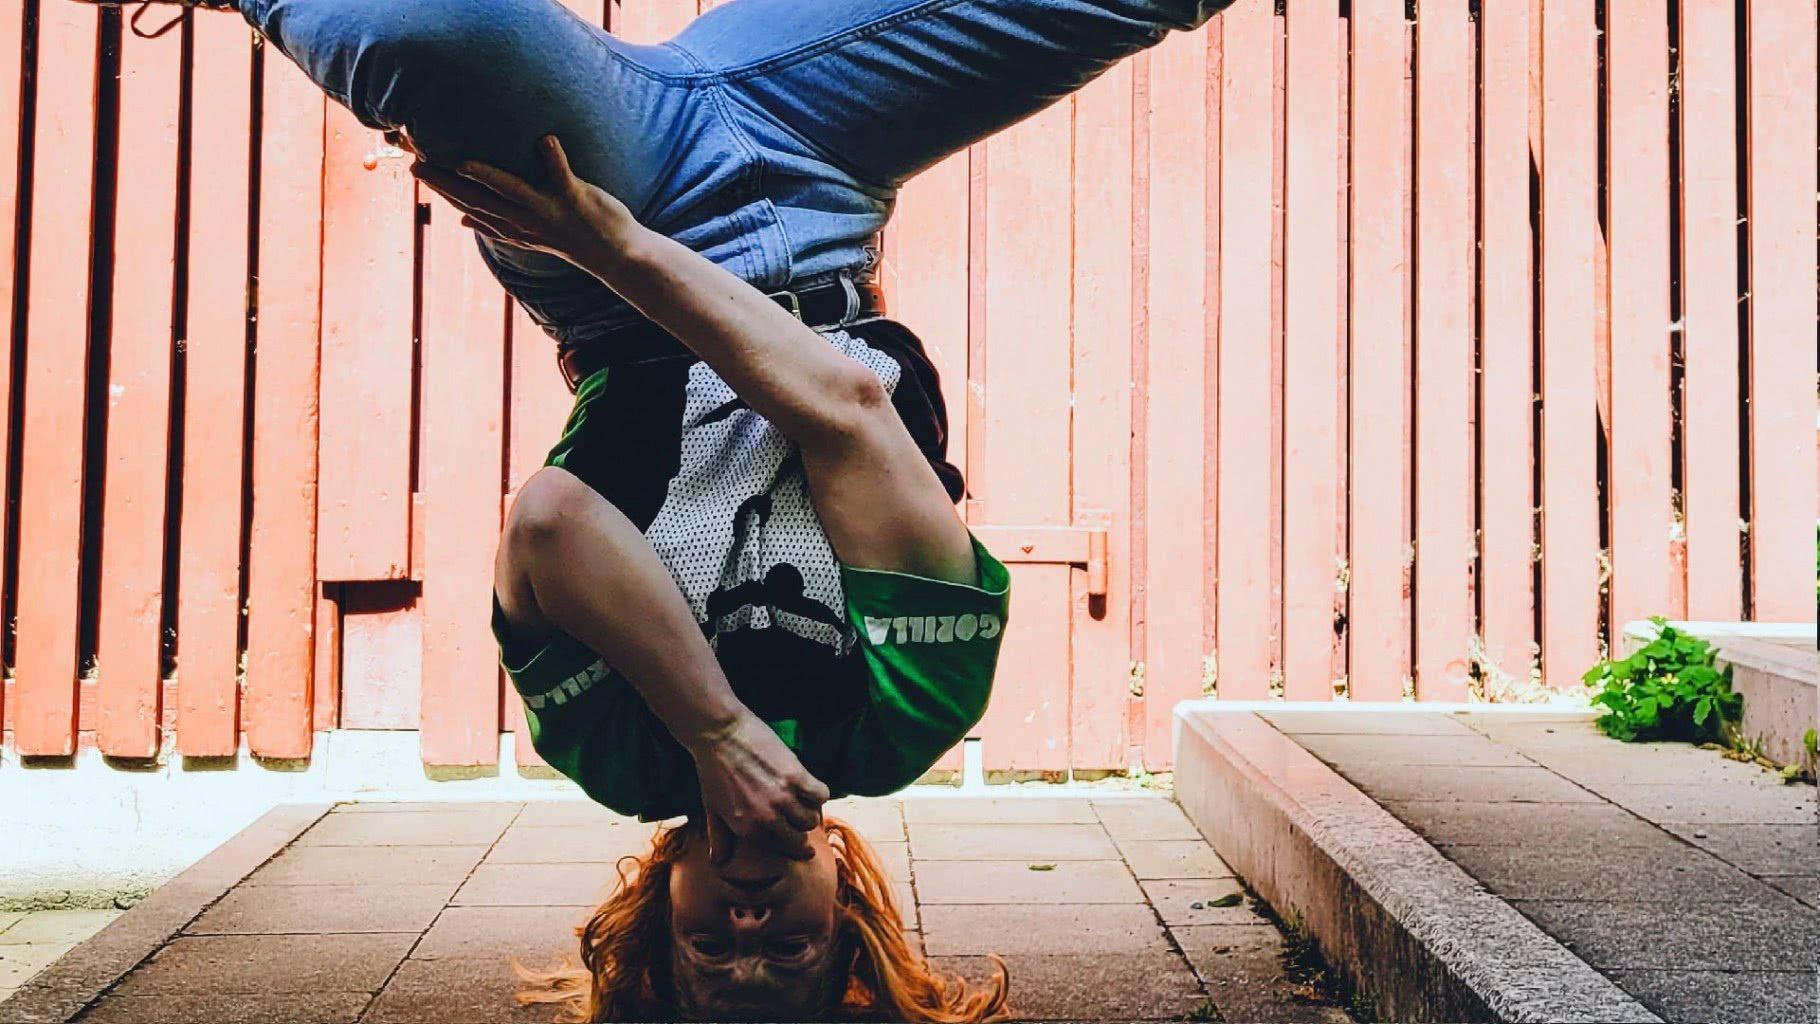 Ausschnitt: Jugendlicher bei einem Breakdance-Move.